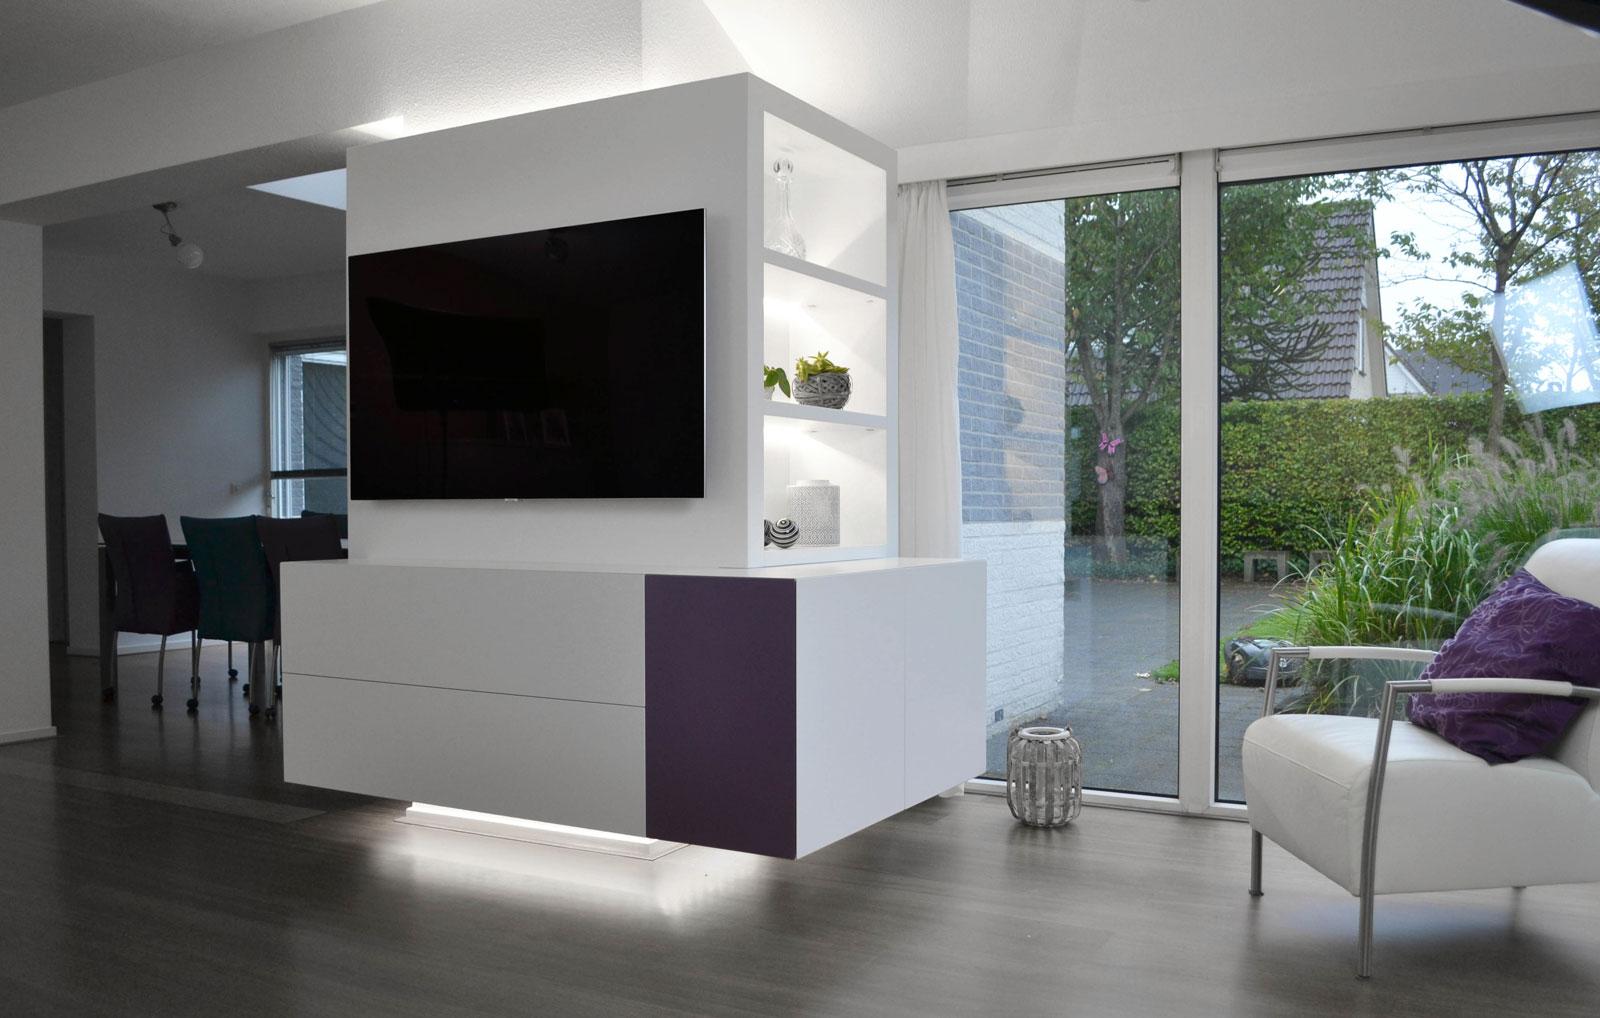 Afbeelding van een hoek design TV meubel dat volledig passend en op maat rondom een zuil gebouwd is.